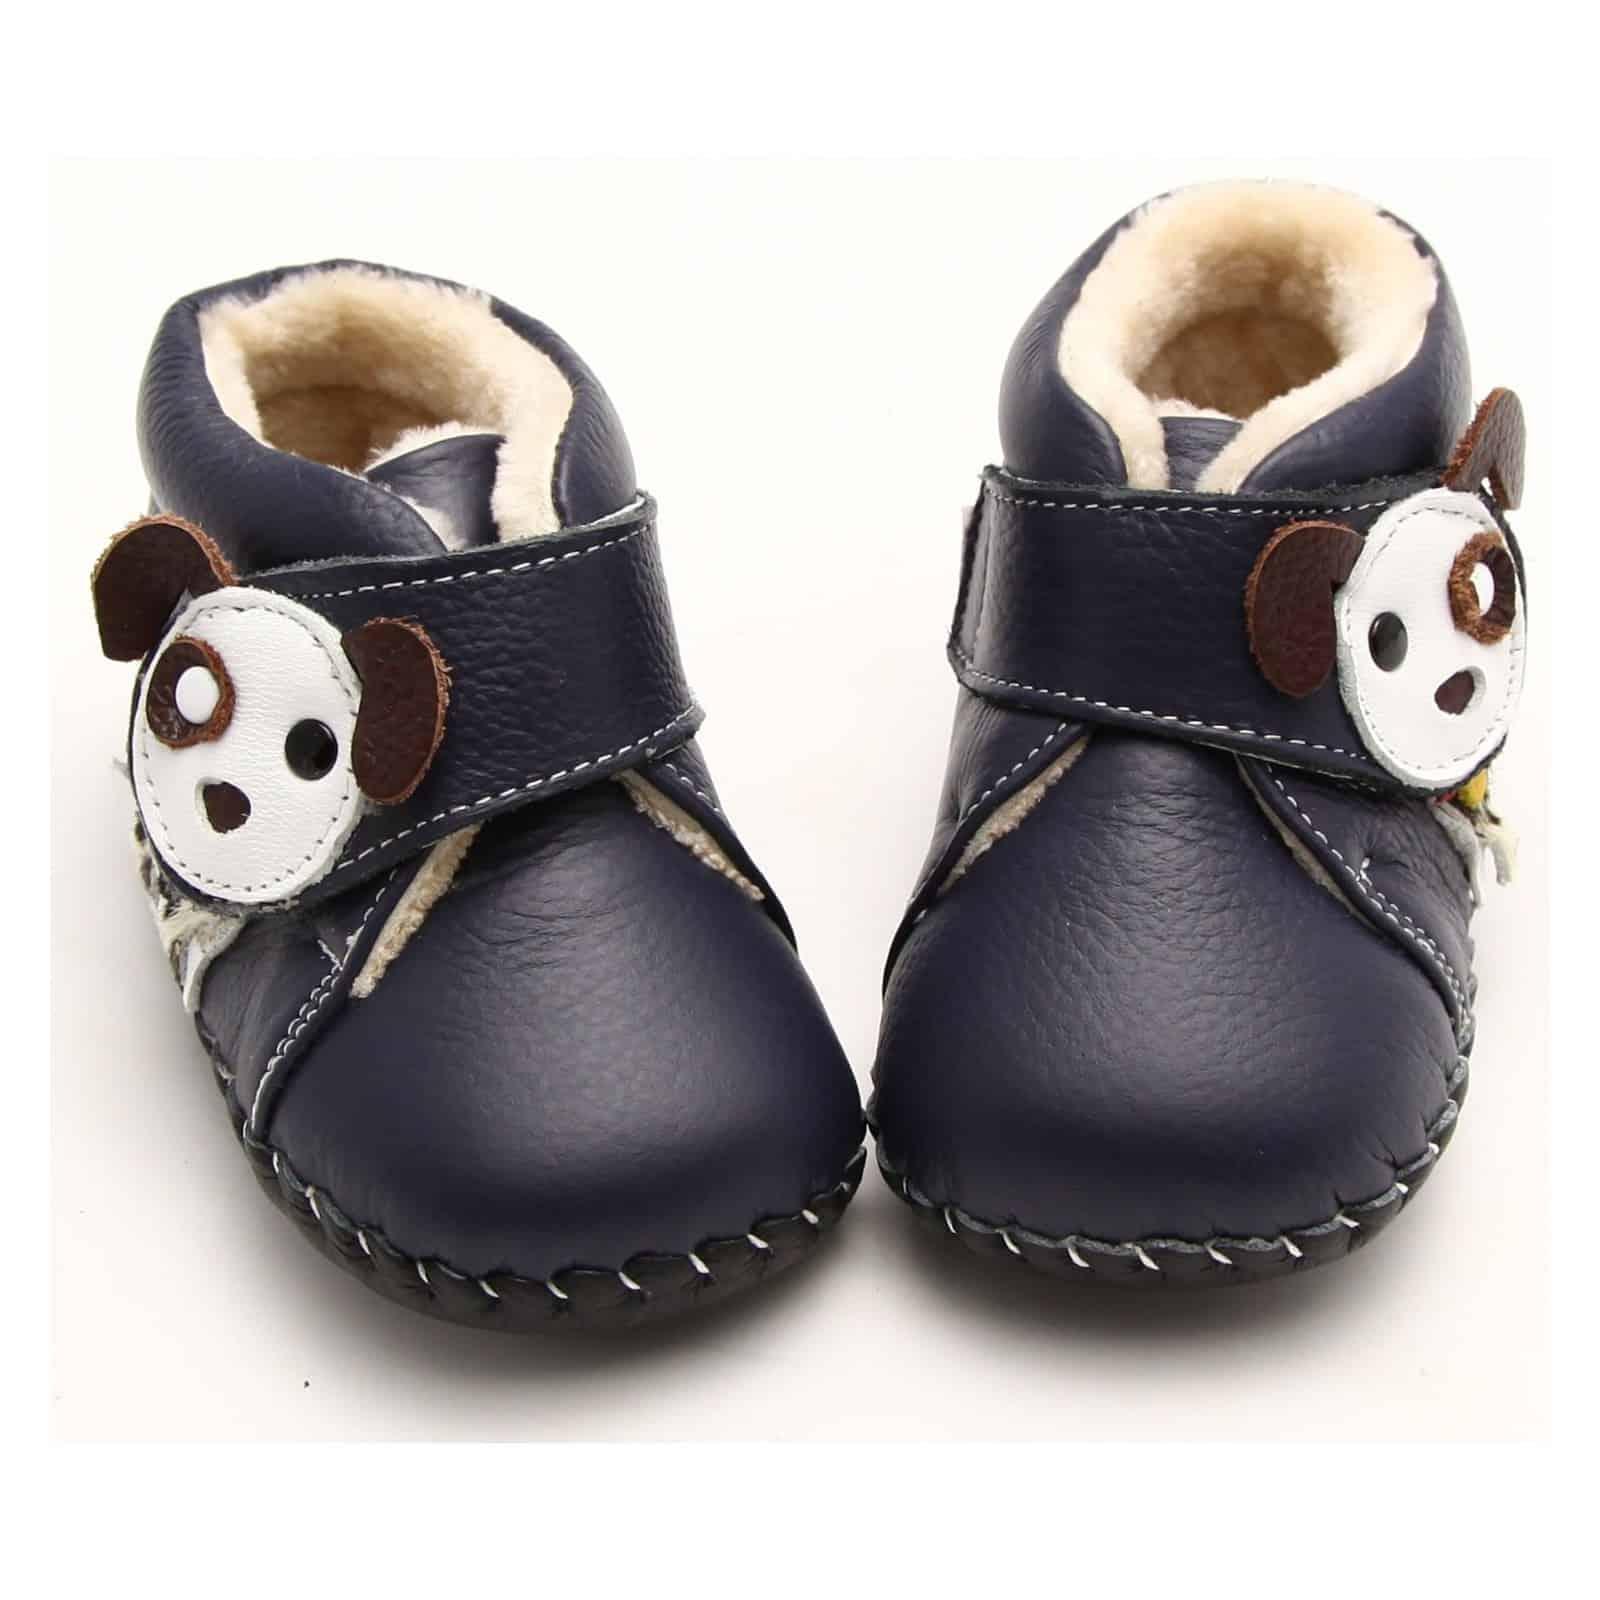 1665bd782b011 FREYCOO Chaussures premiers pa njO0bzN - much.easyad.fr